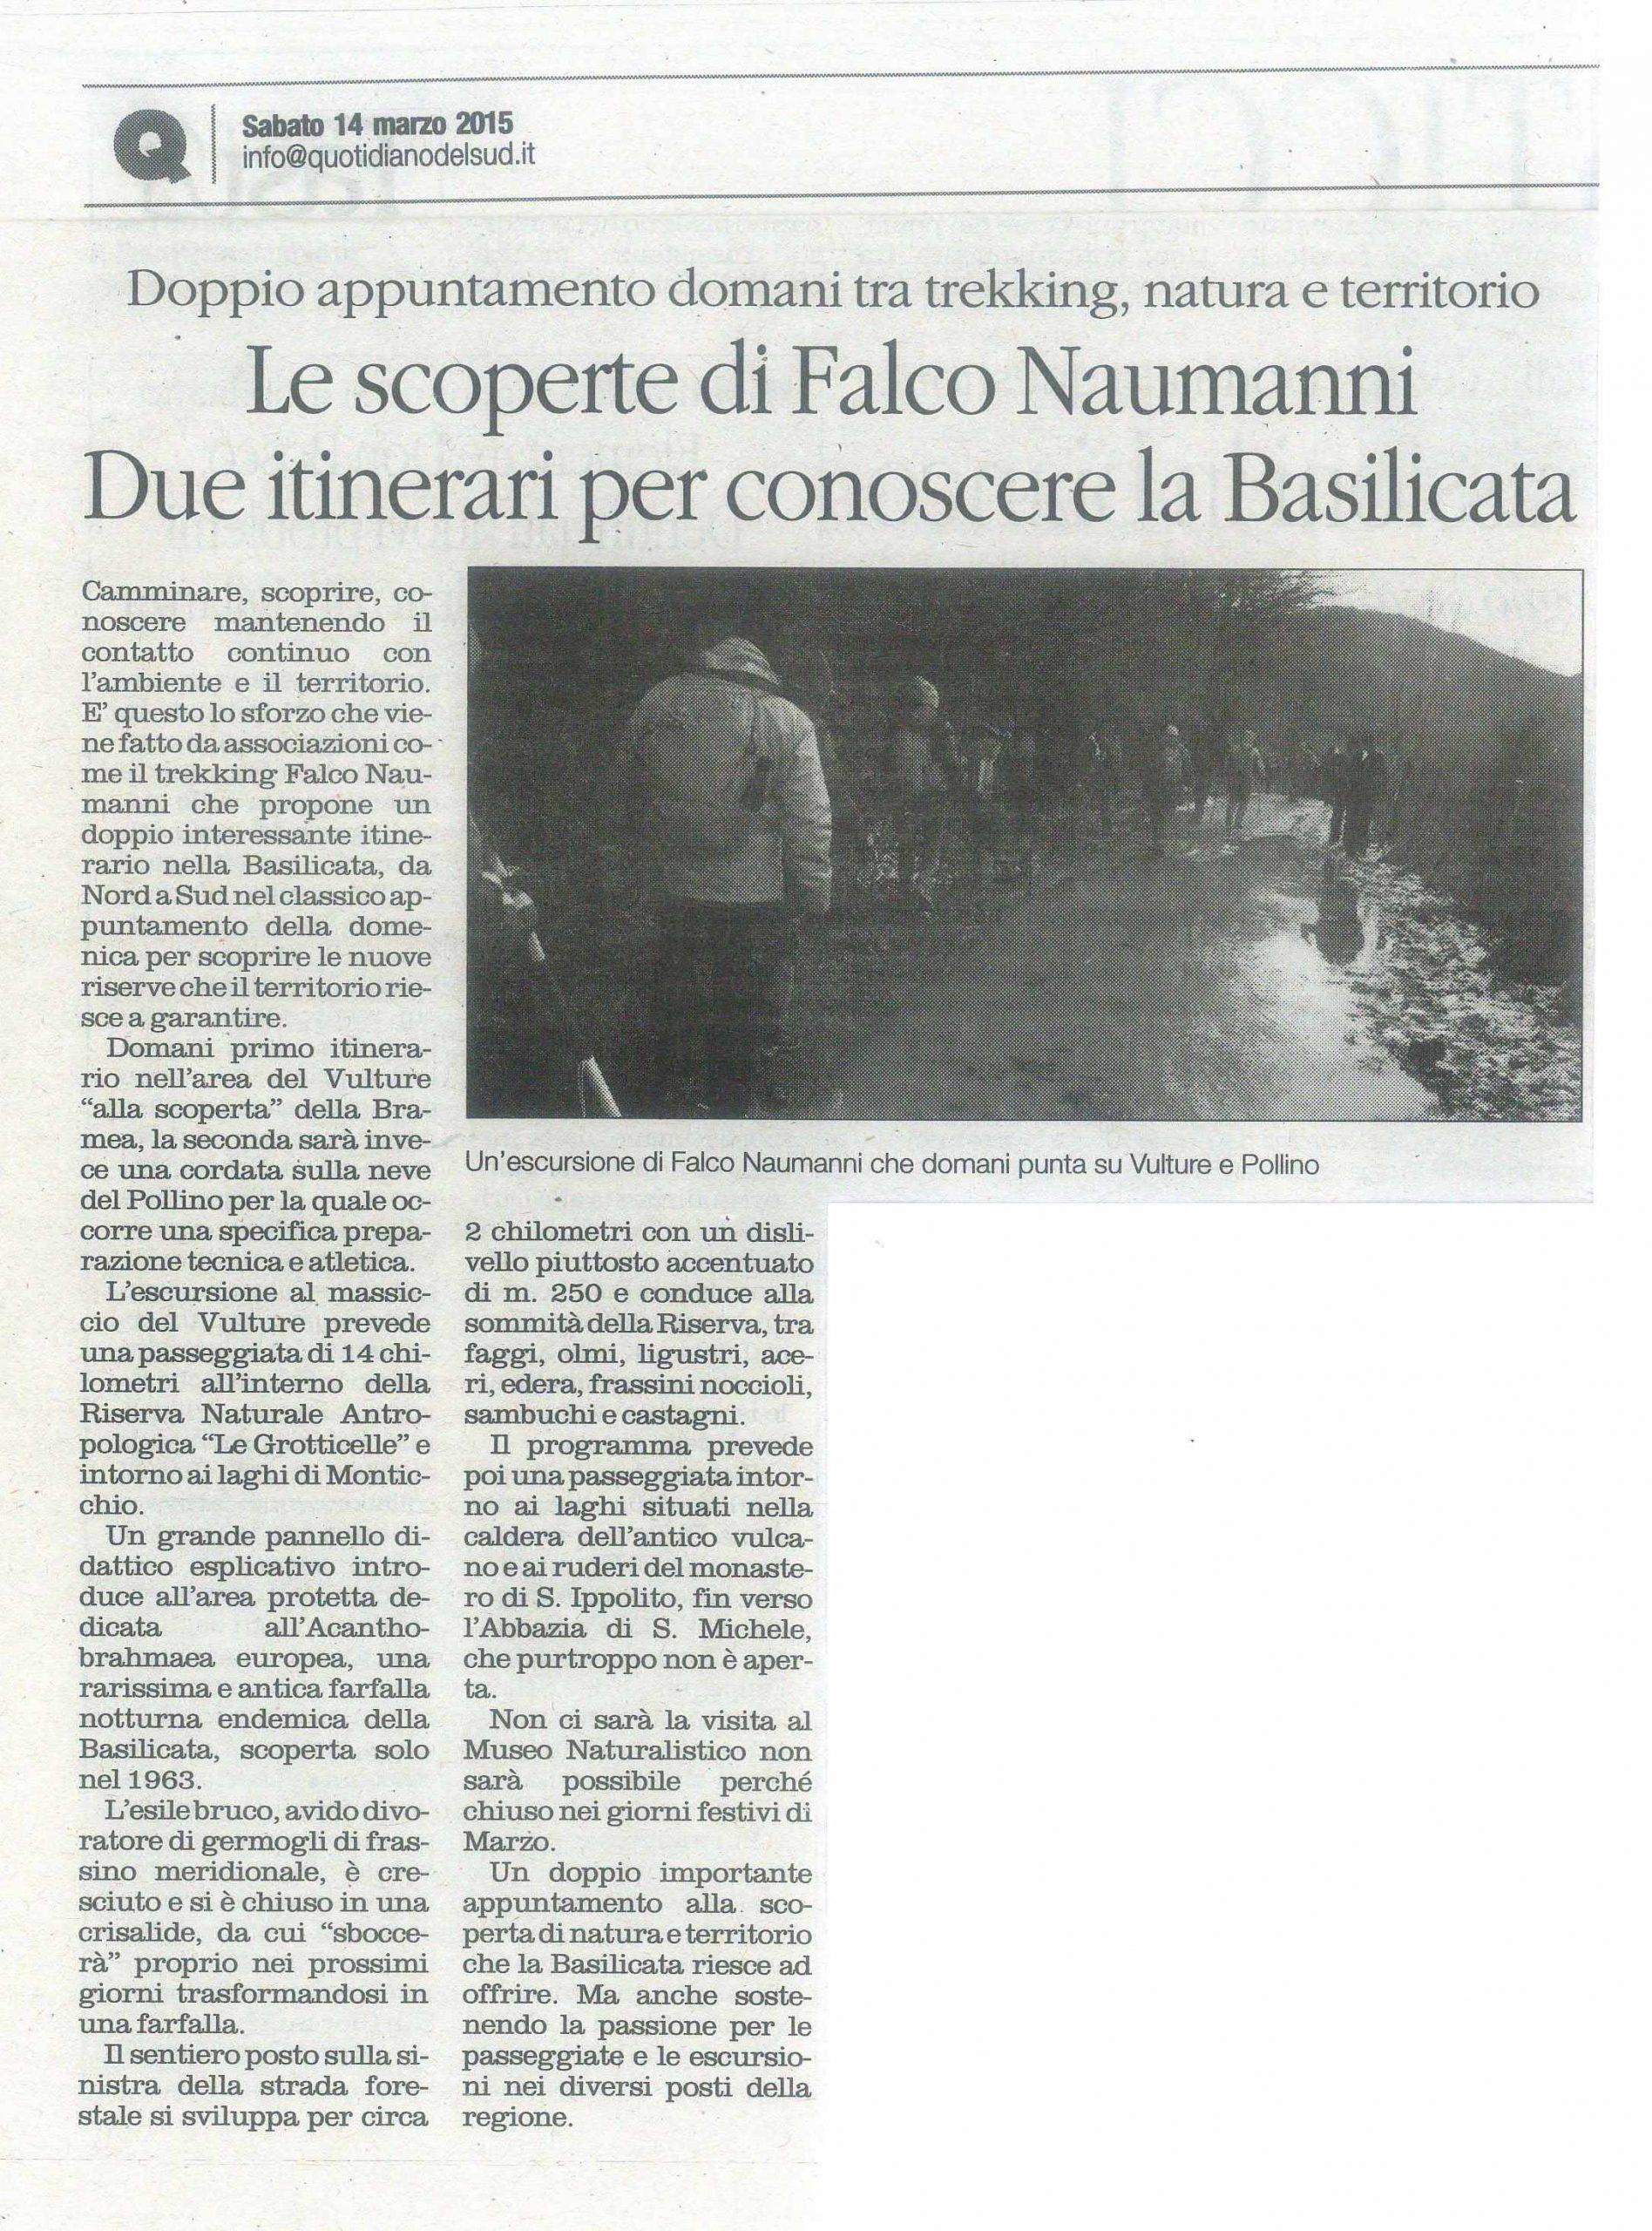 15.03.14 - Quotidiano - Bramea